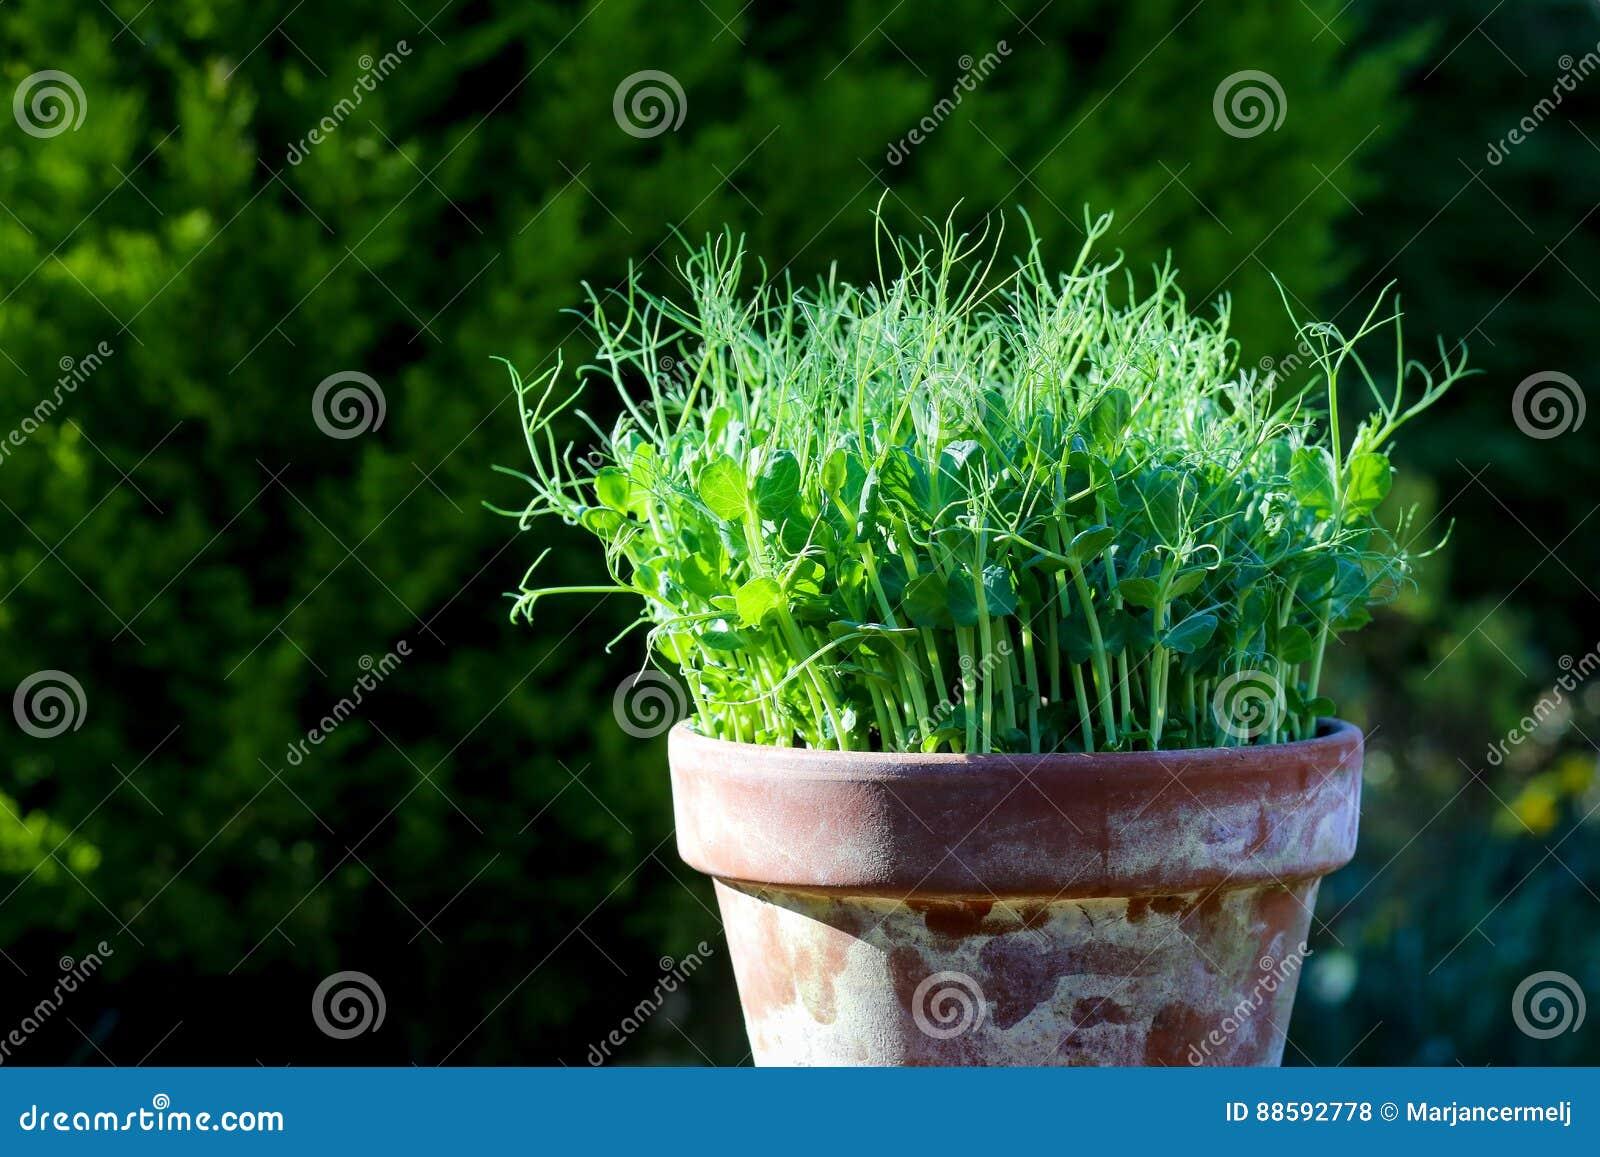 Coltivare Piselli In Vaso viticcio di verde di pisello il giovane pianta i microgreens